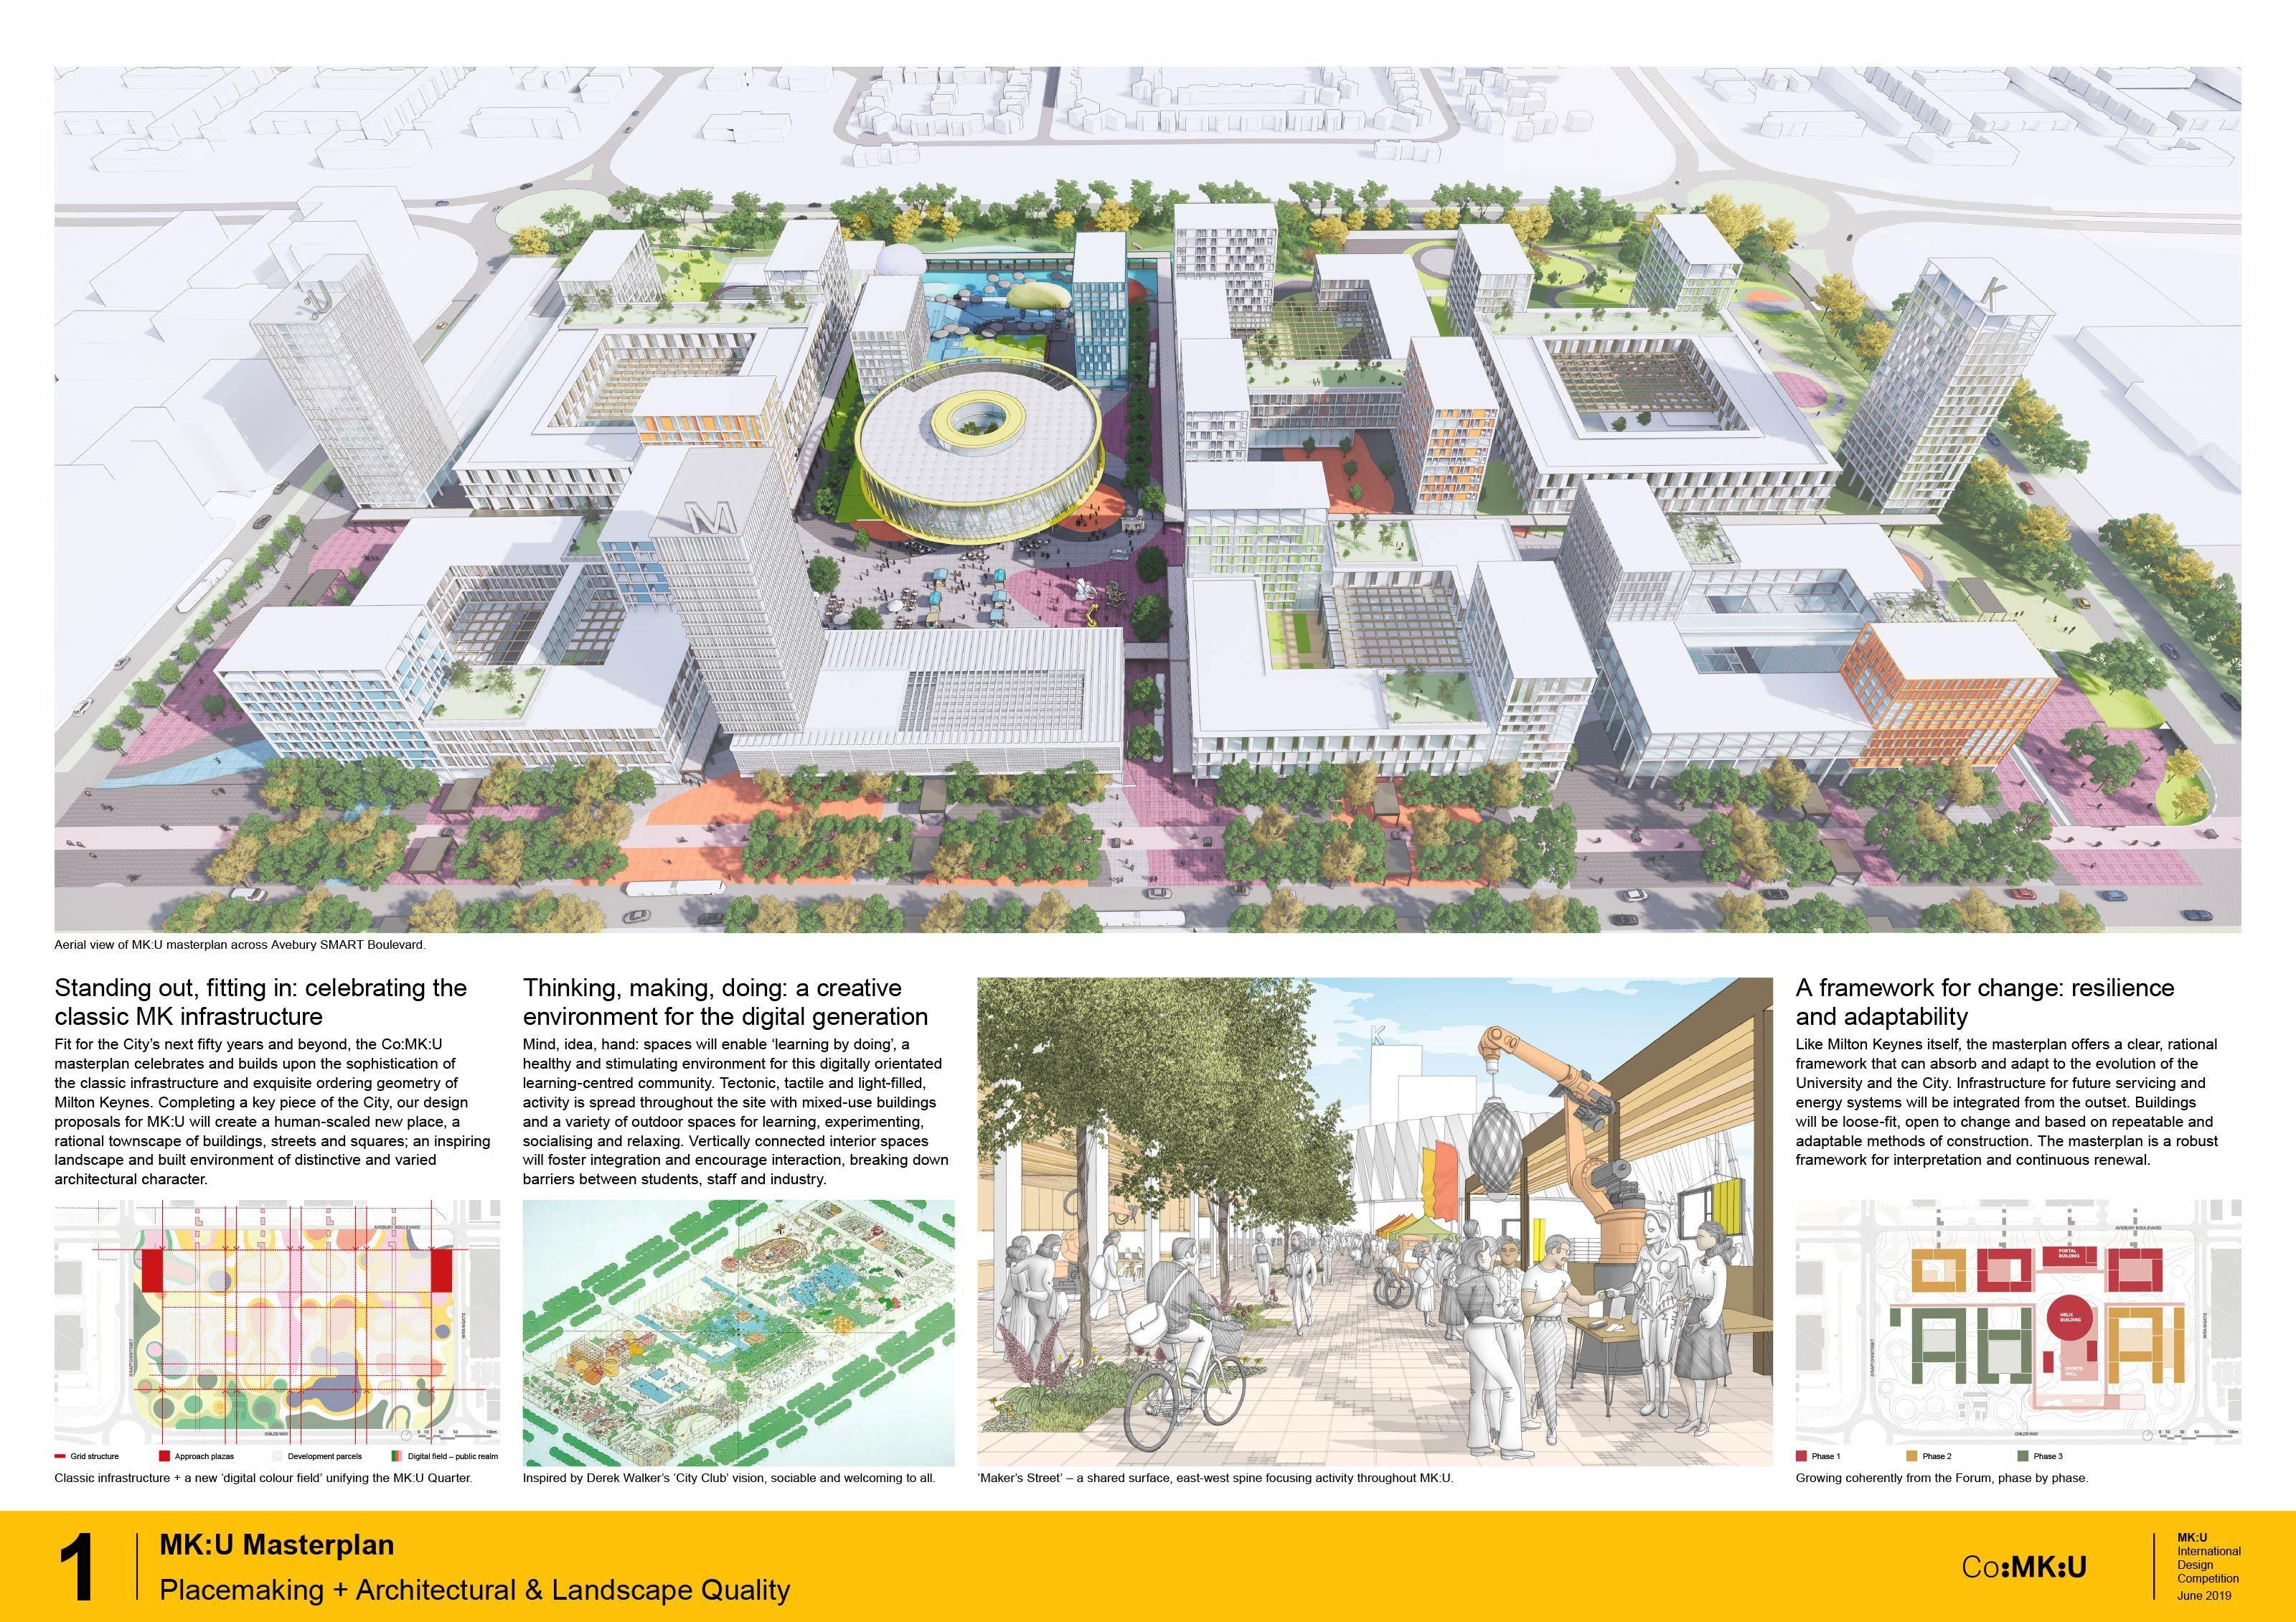 Co:MK:U   MK:U International Design Competition